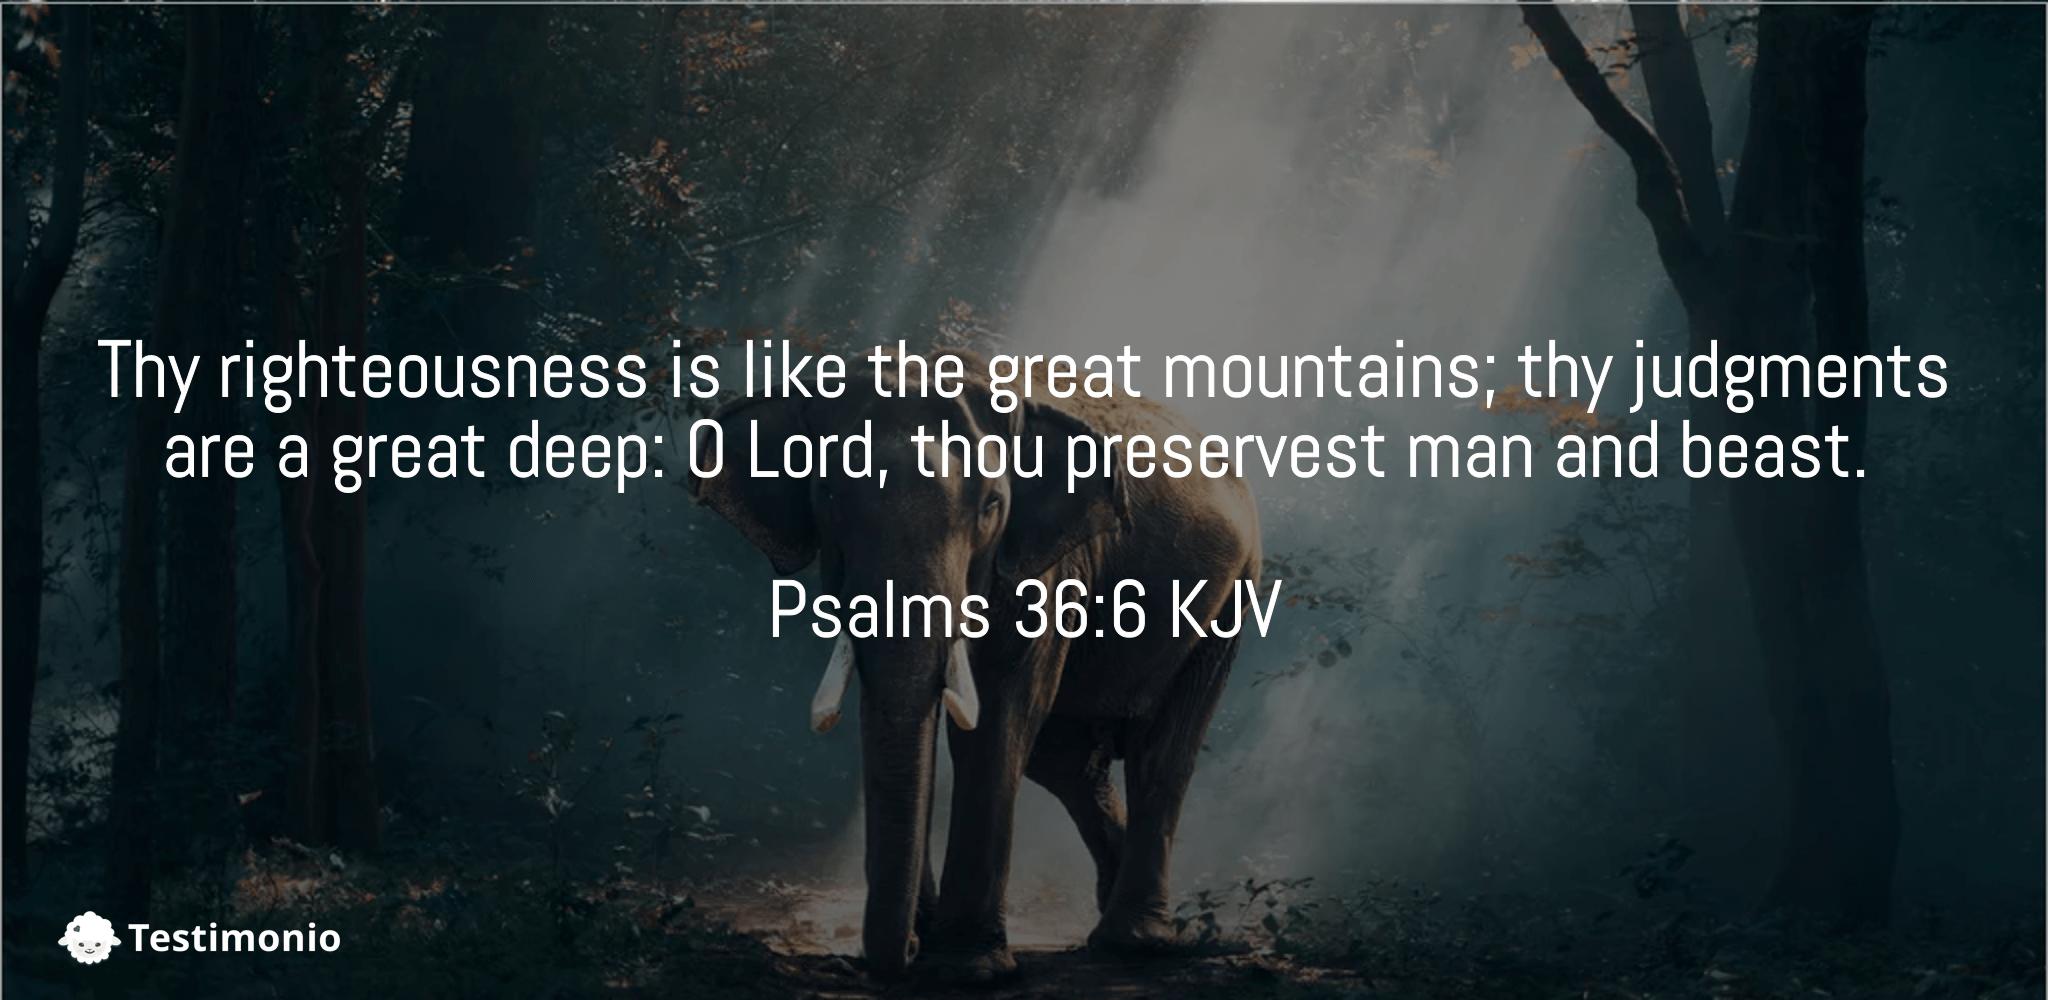 Psalms 36:6